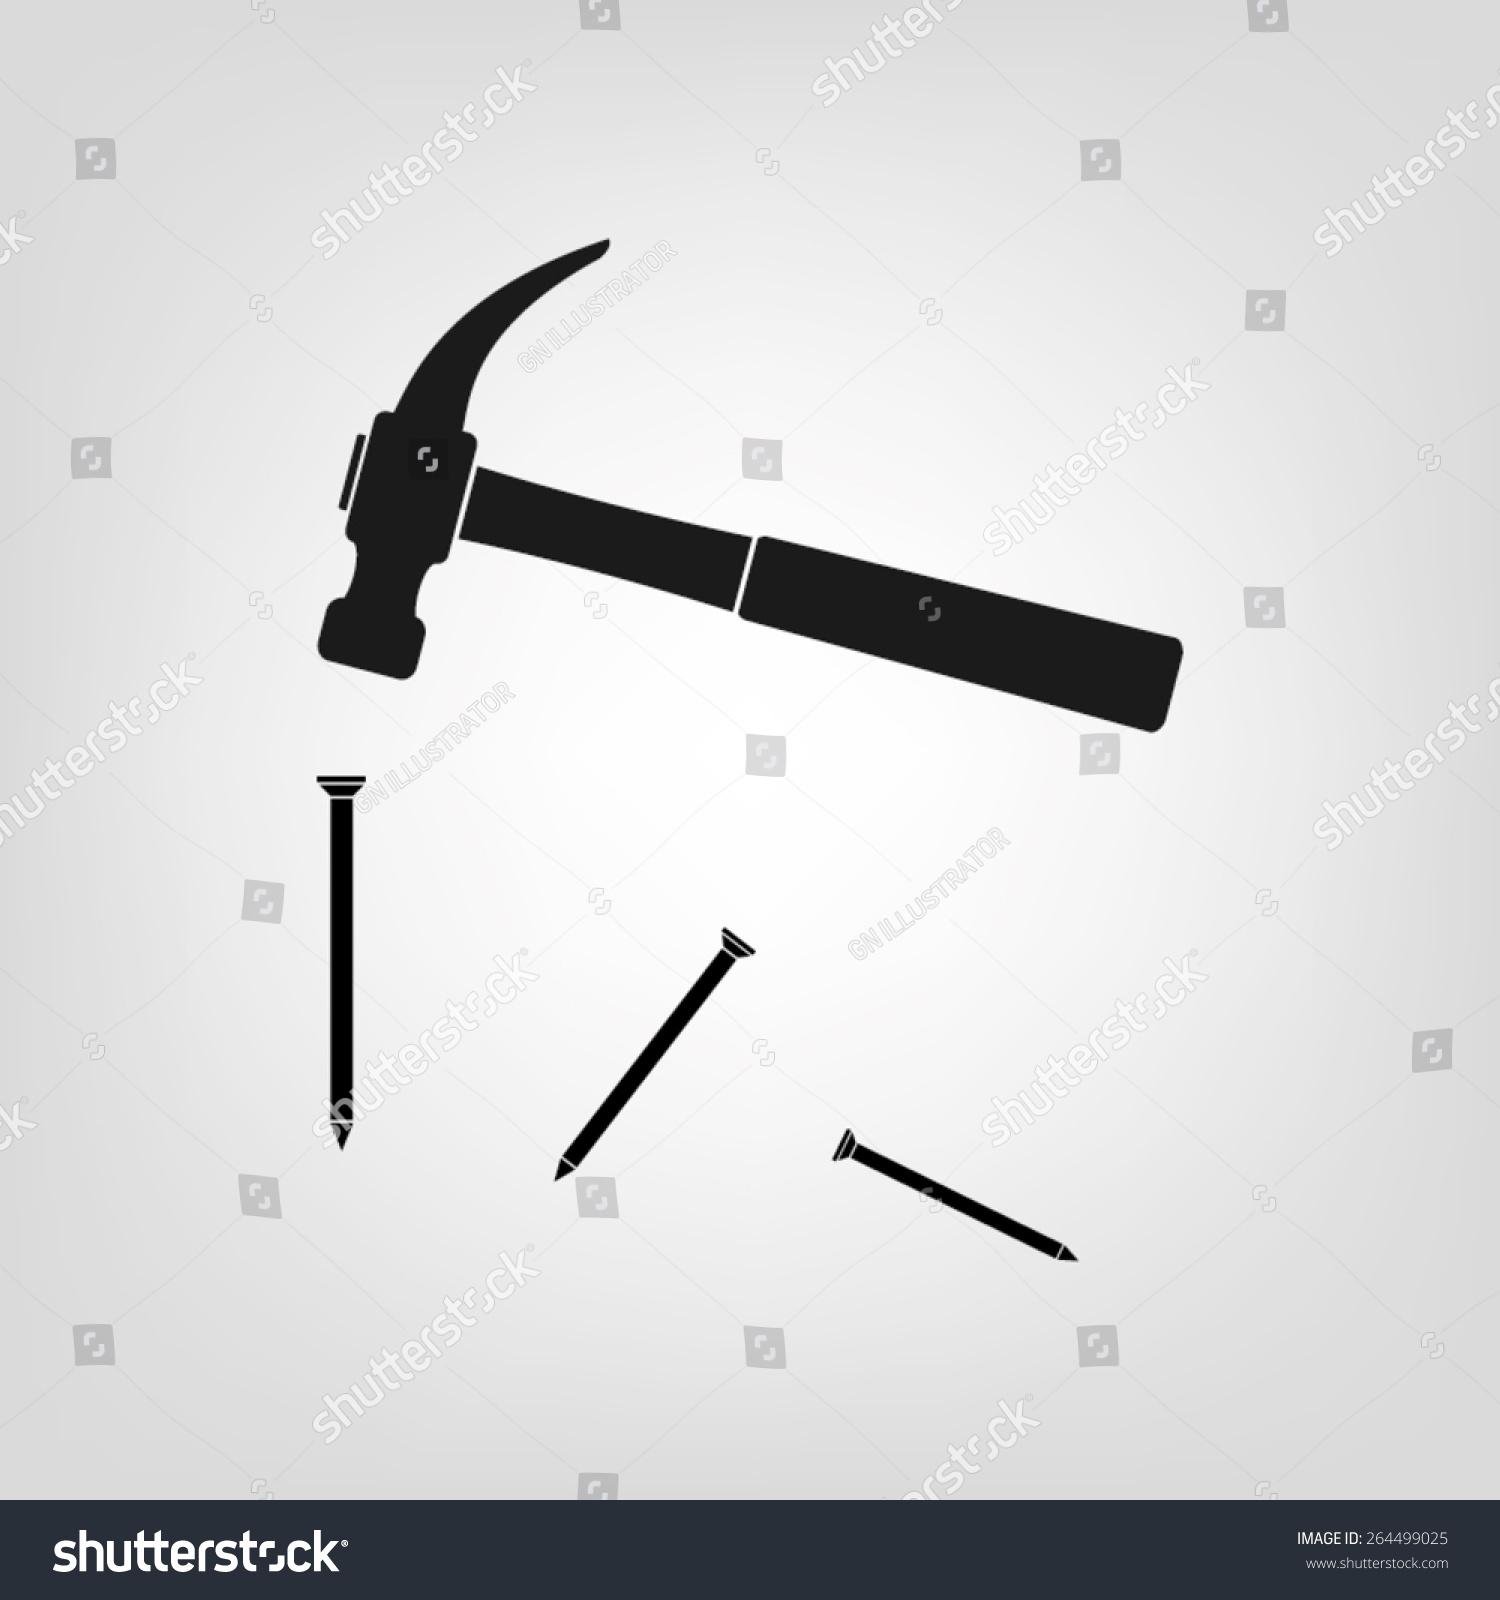 Vector Illustration Hammer: Hammer Nails Icon Vector Illustration Eps10 Stock Vector